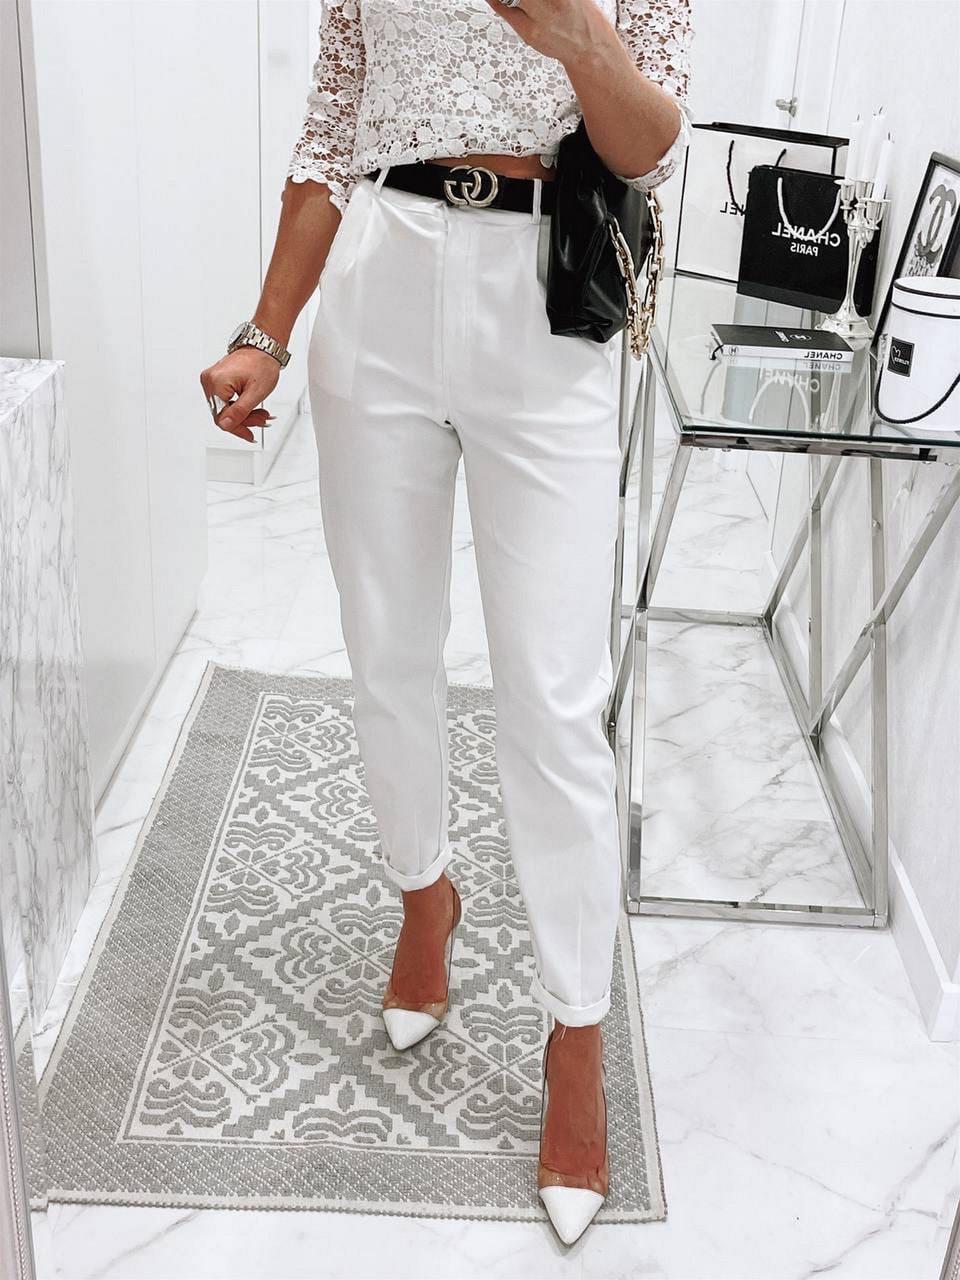 Стильные женские штаны с чуть завышенной талией, 00756 (Белый), Размер 46 (L)